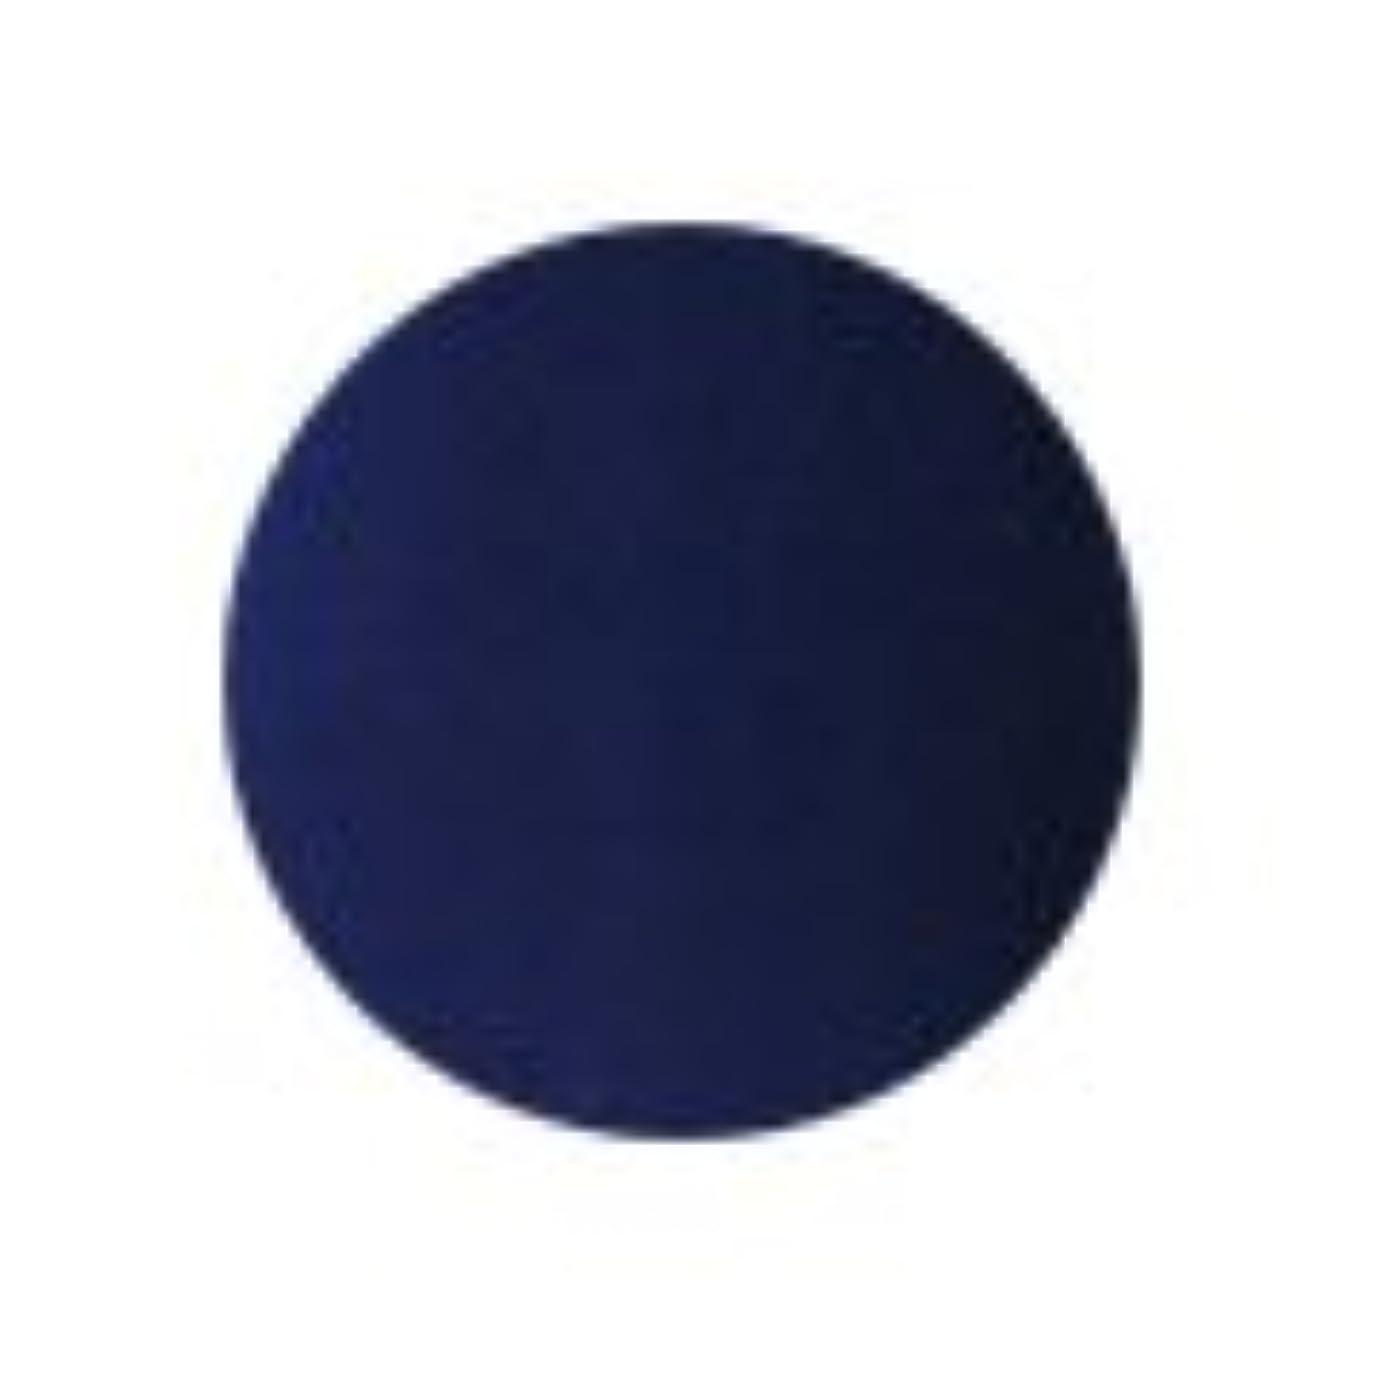 恐怖症消費者印をつける★PREGEL(プリジェル) スーパーカラーEX 4g<BR>PG-SE259 ネイビー